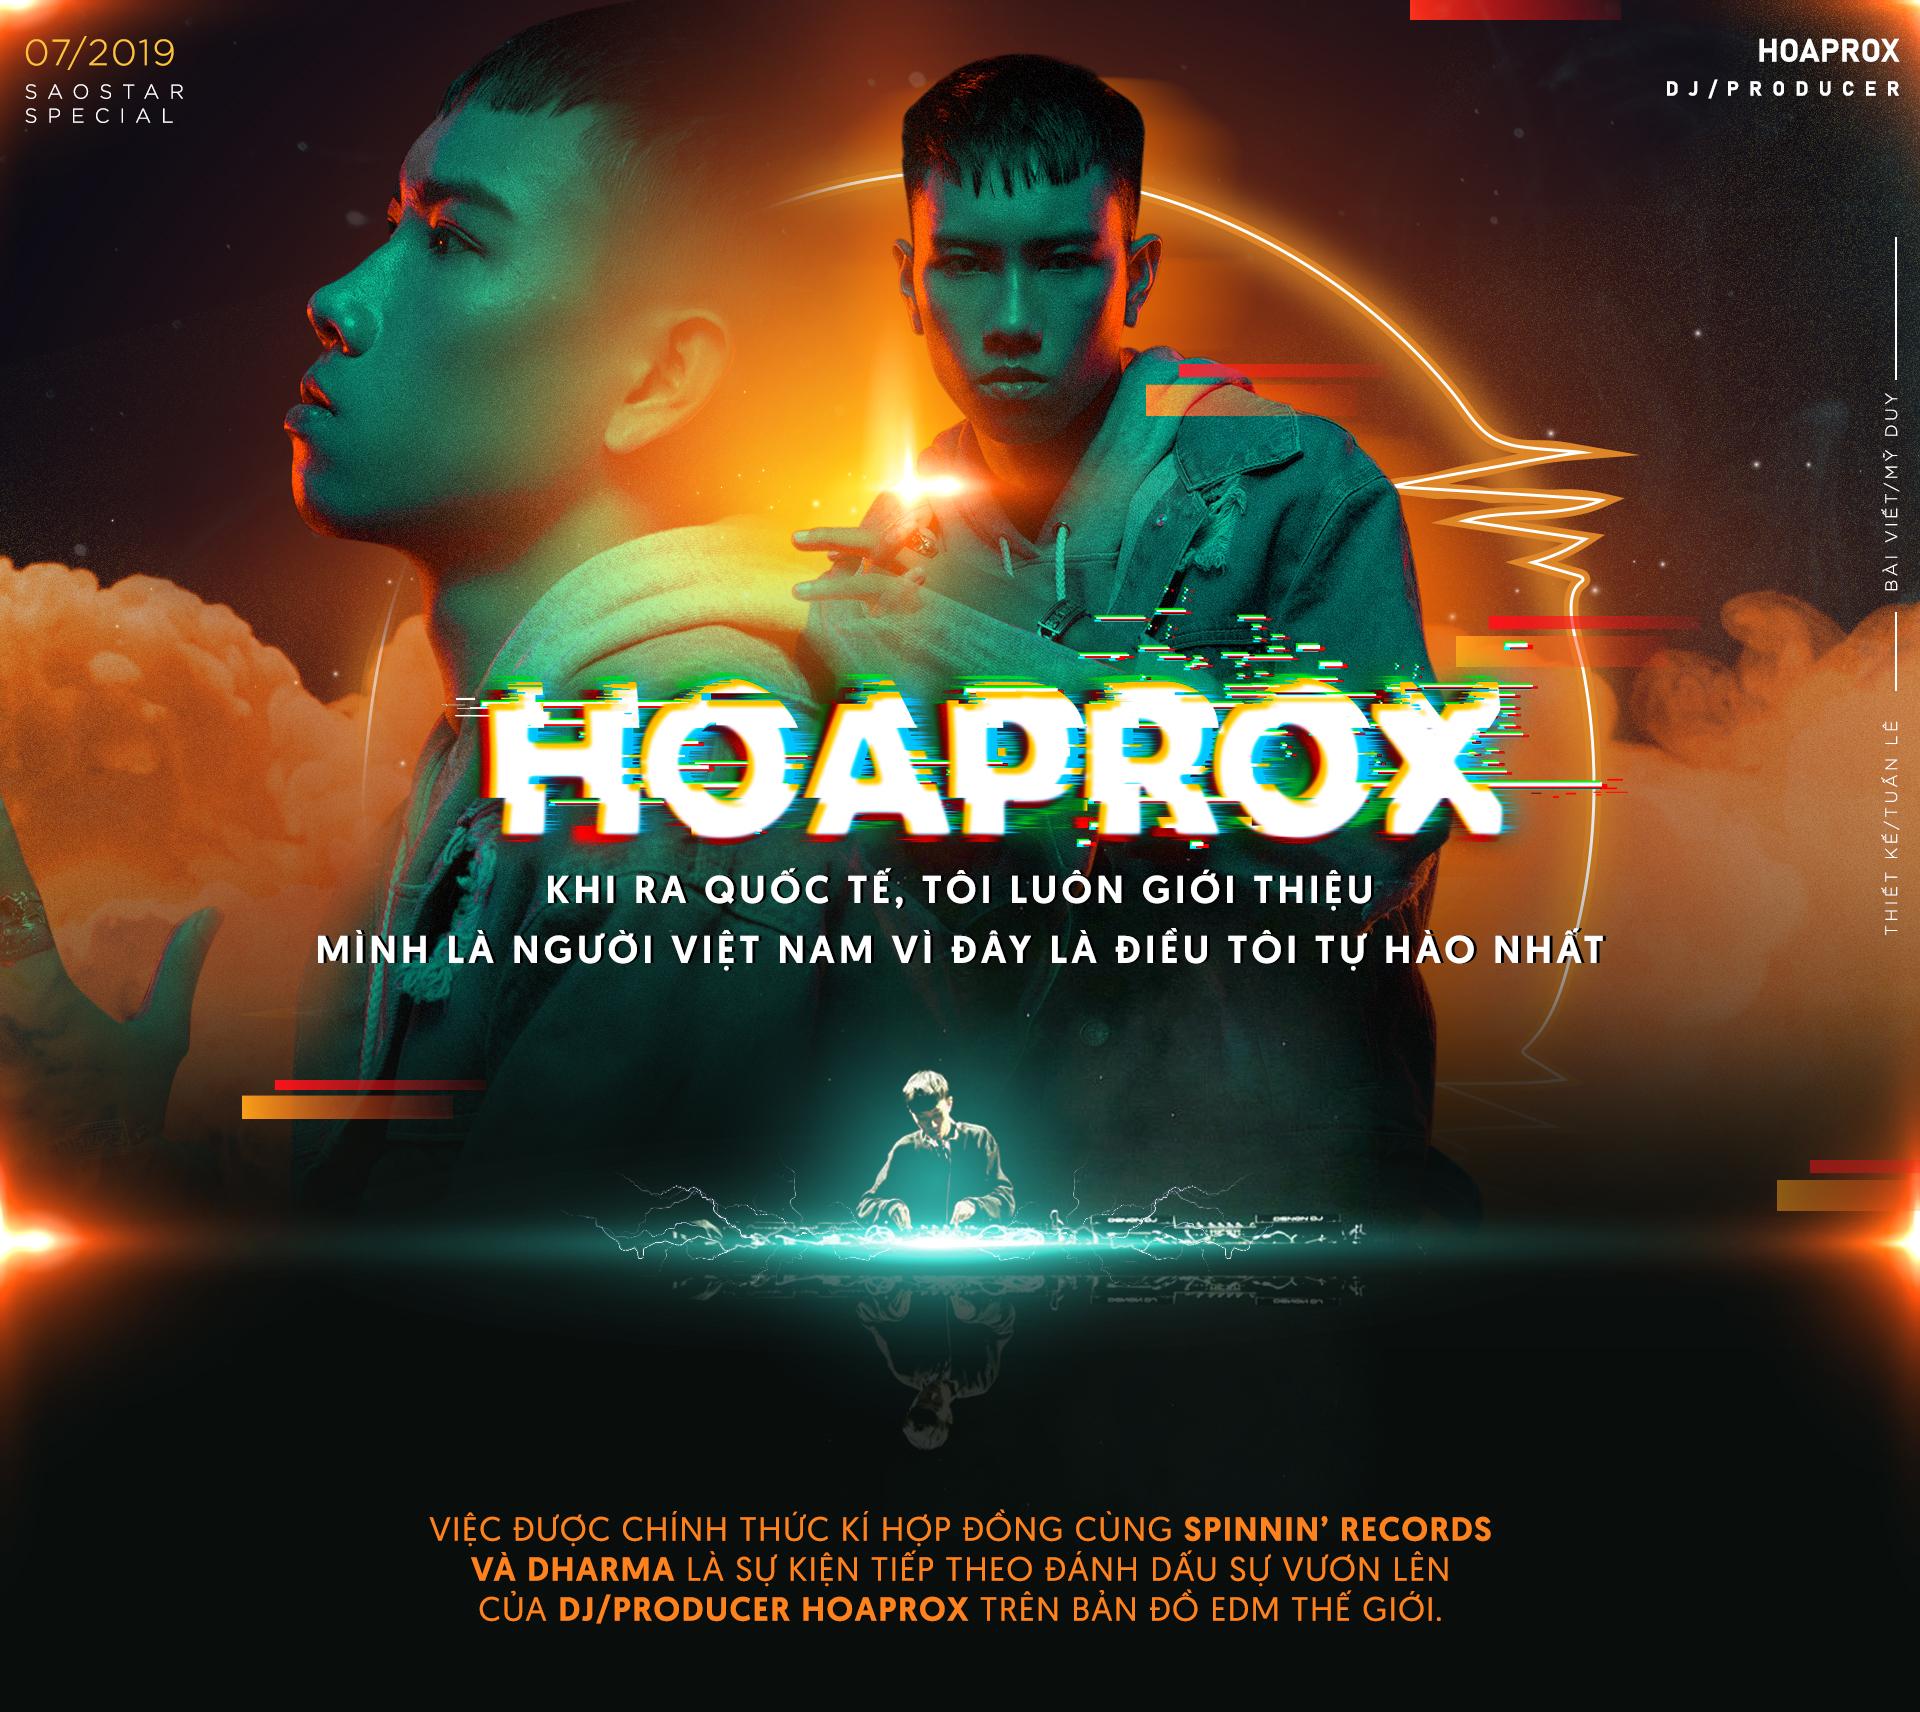 Hoaprox: 'Khi ra quốc tế, tôi luôn giới thiệu mình là người Việt Nam vì đây là điều tôi tự hào nhất'